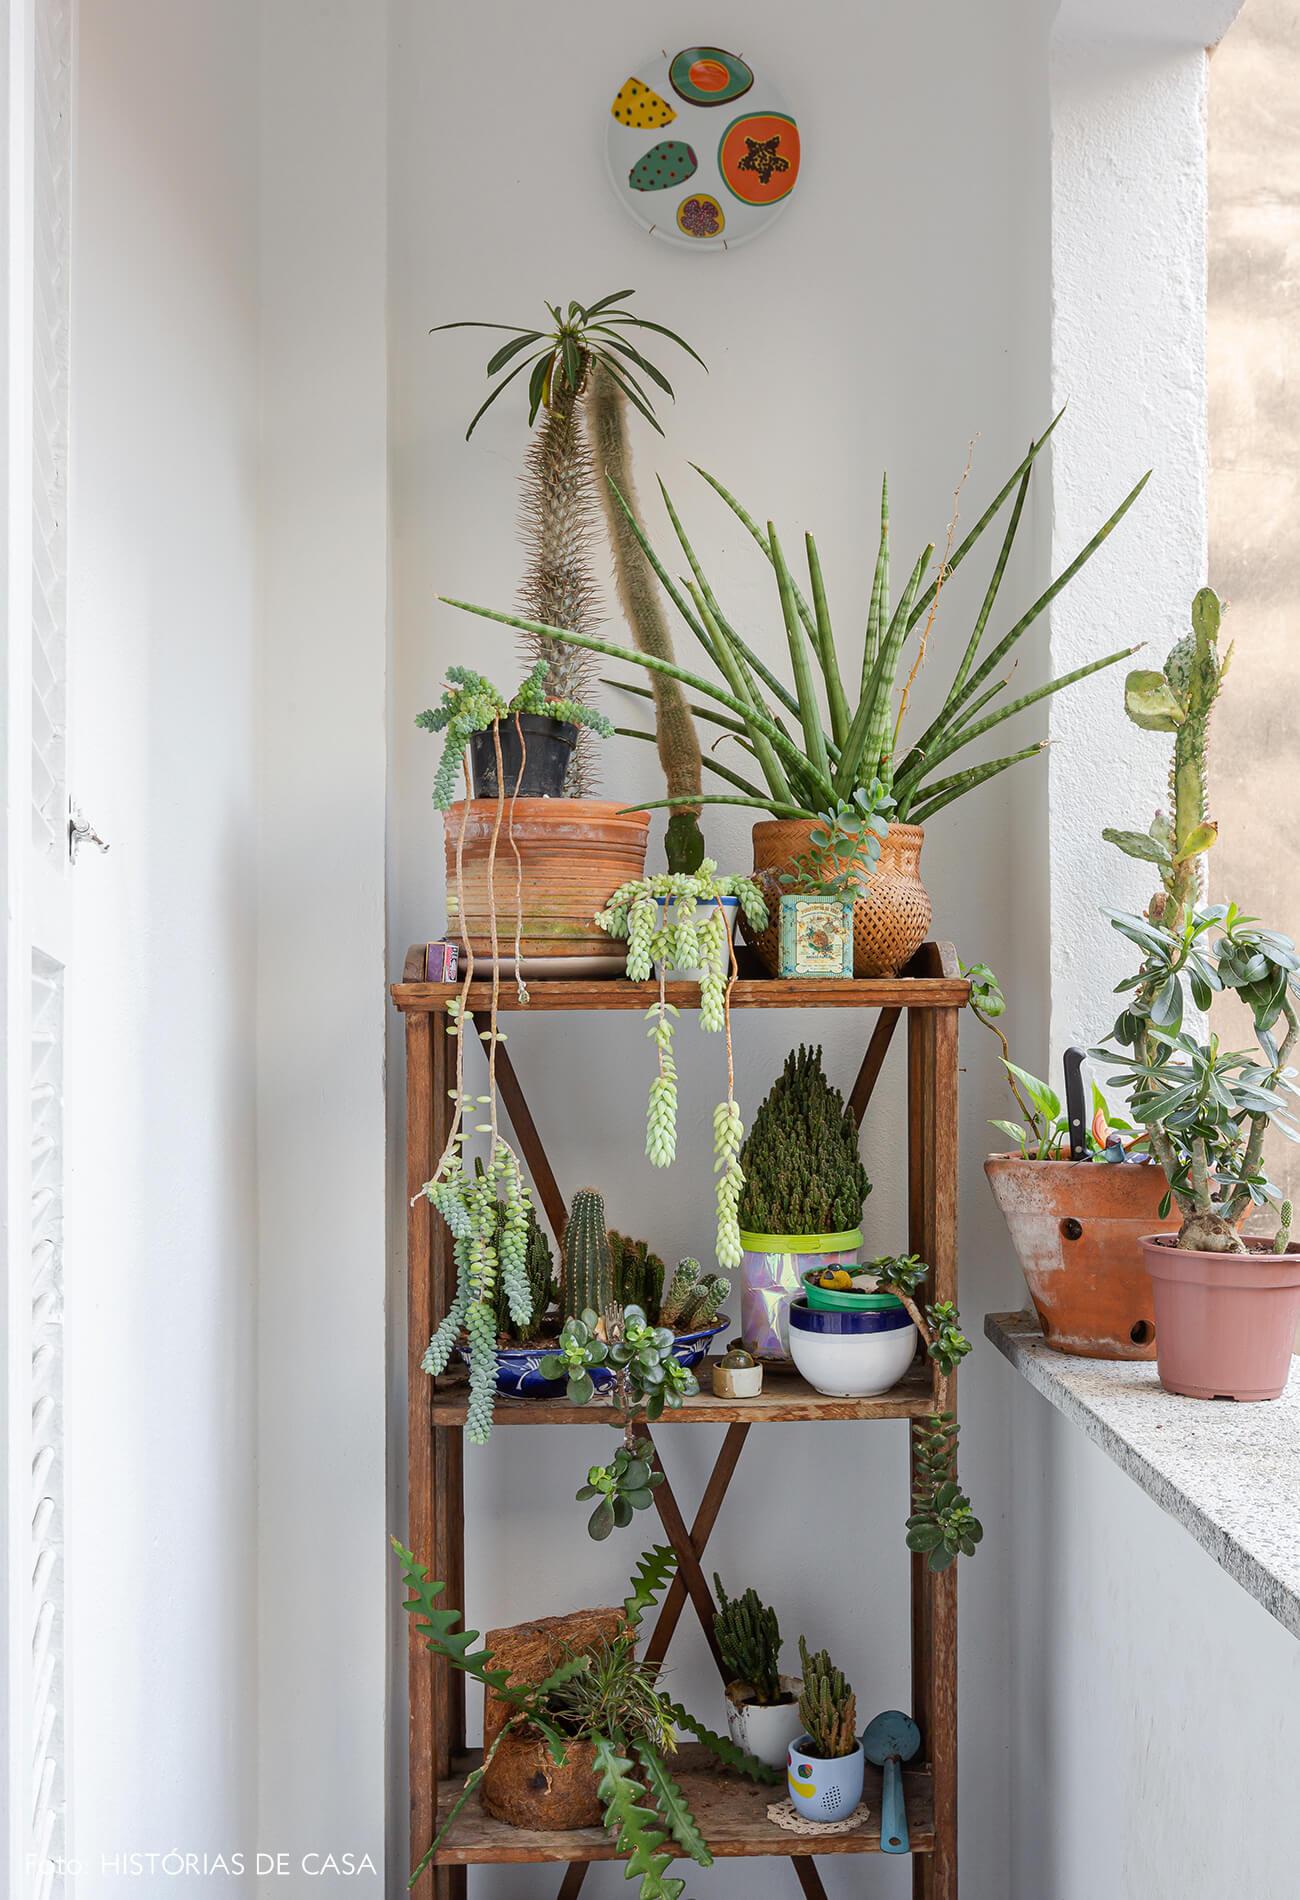 Apartamento com varanda, estante de plantas